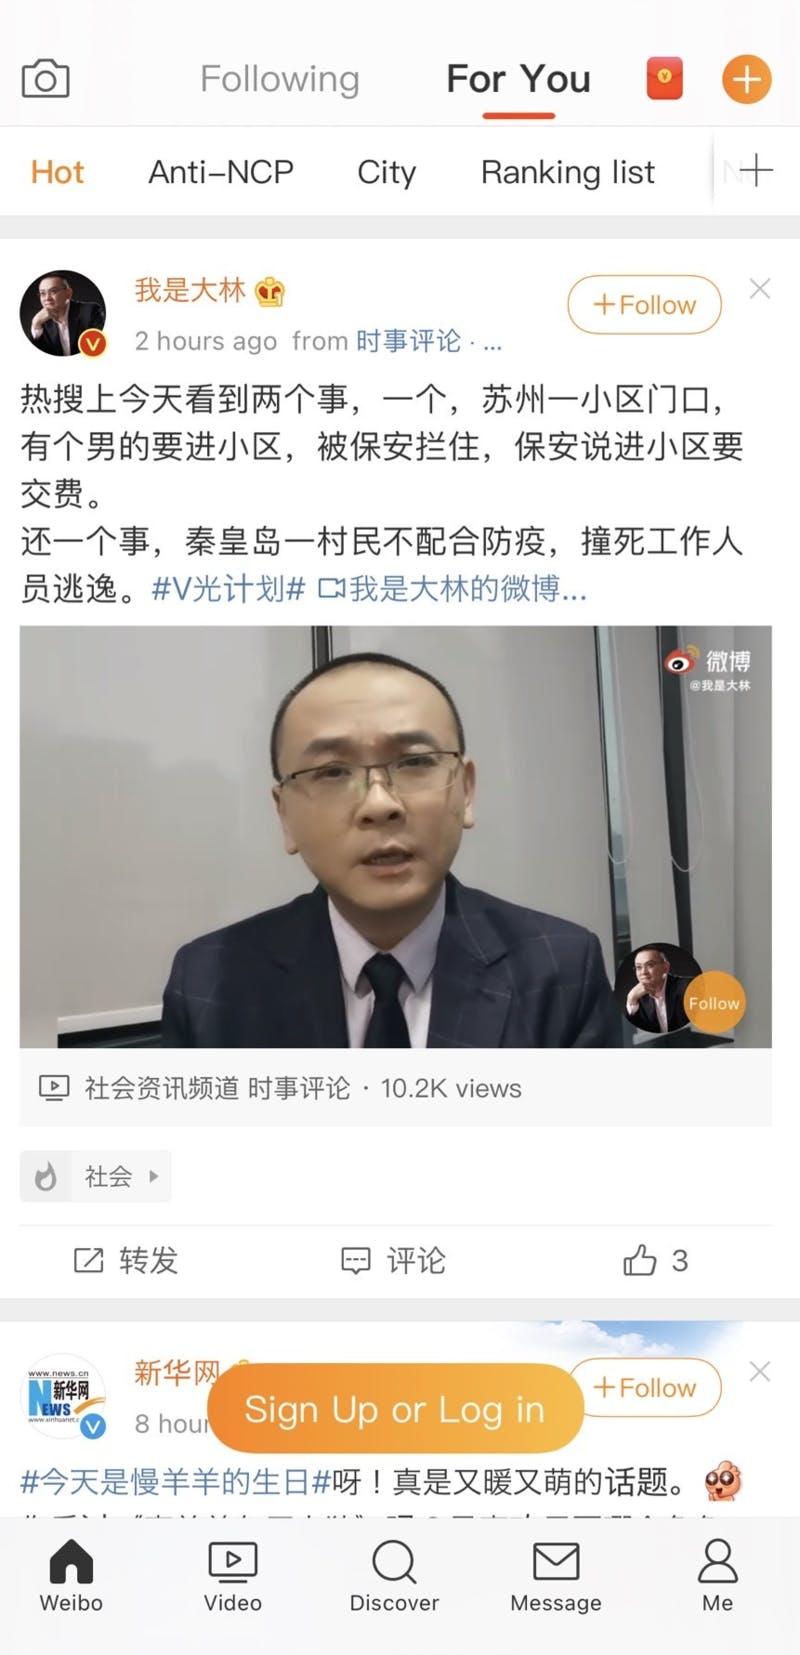 Weiboのタイムライン(ユーザー登録なし)